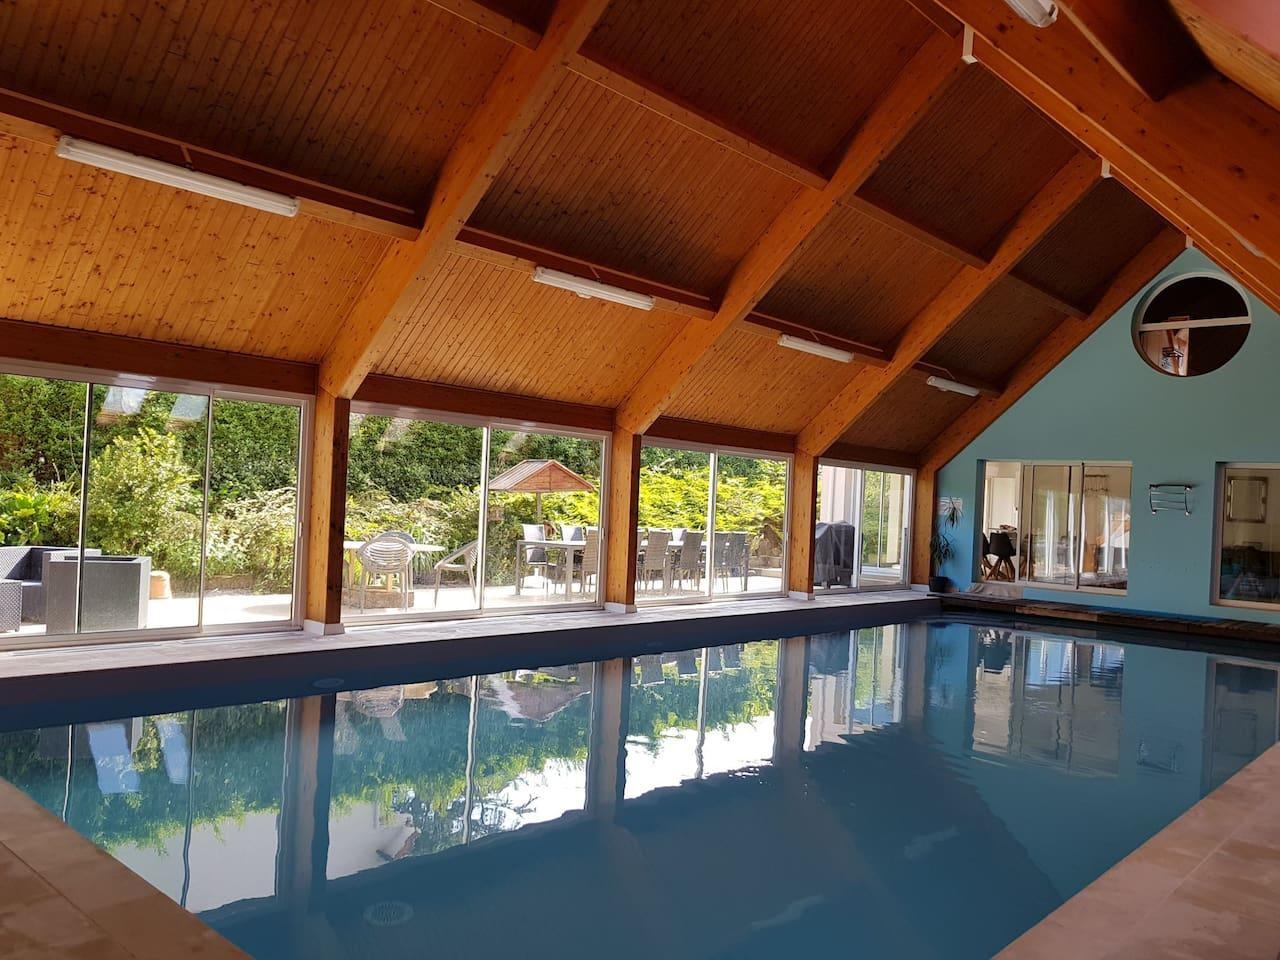 piscine 14 mètres sur 6 mètres chauffée toute l année